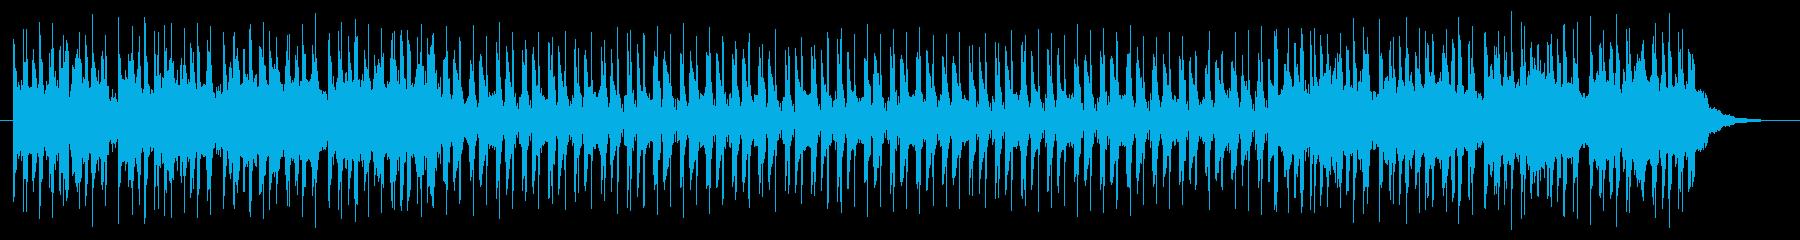 ポップで軽快な雰囲気の曲の再生済みの波形